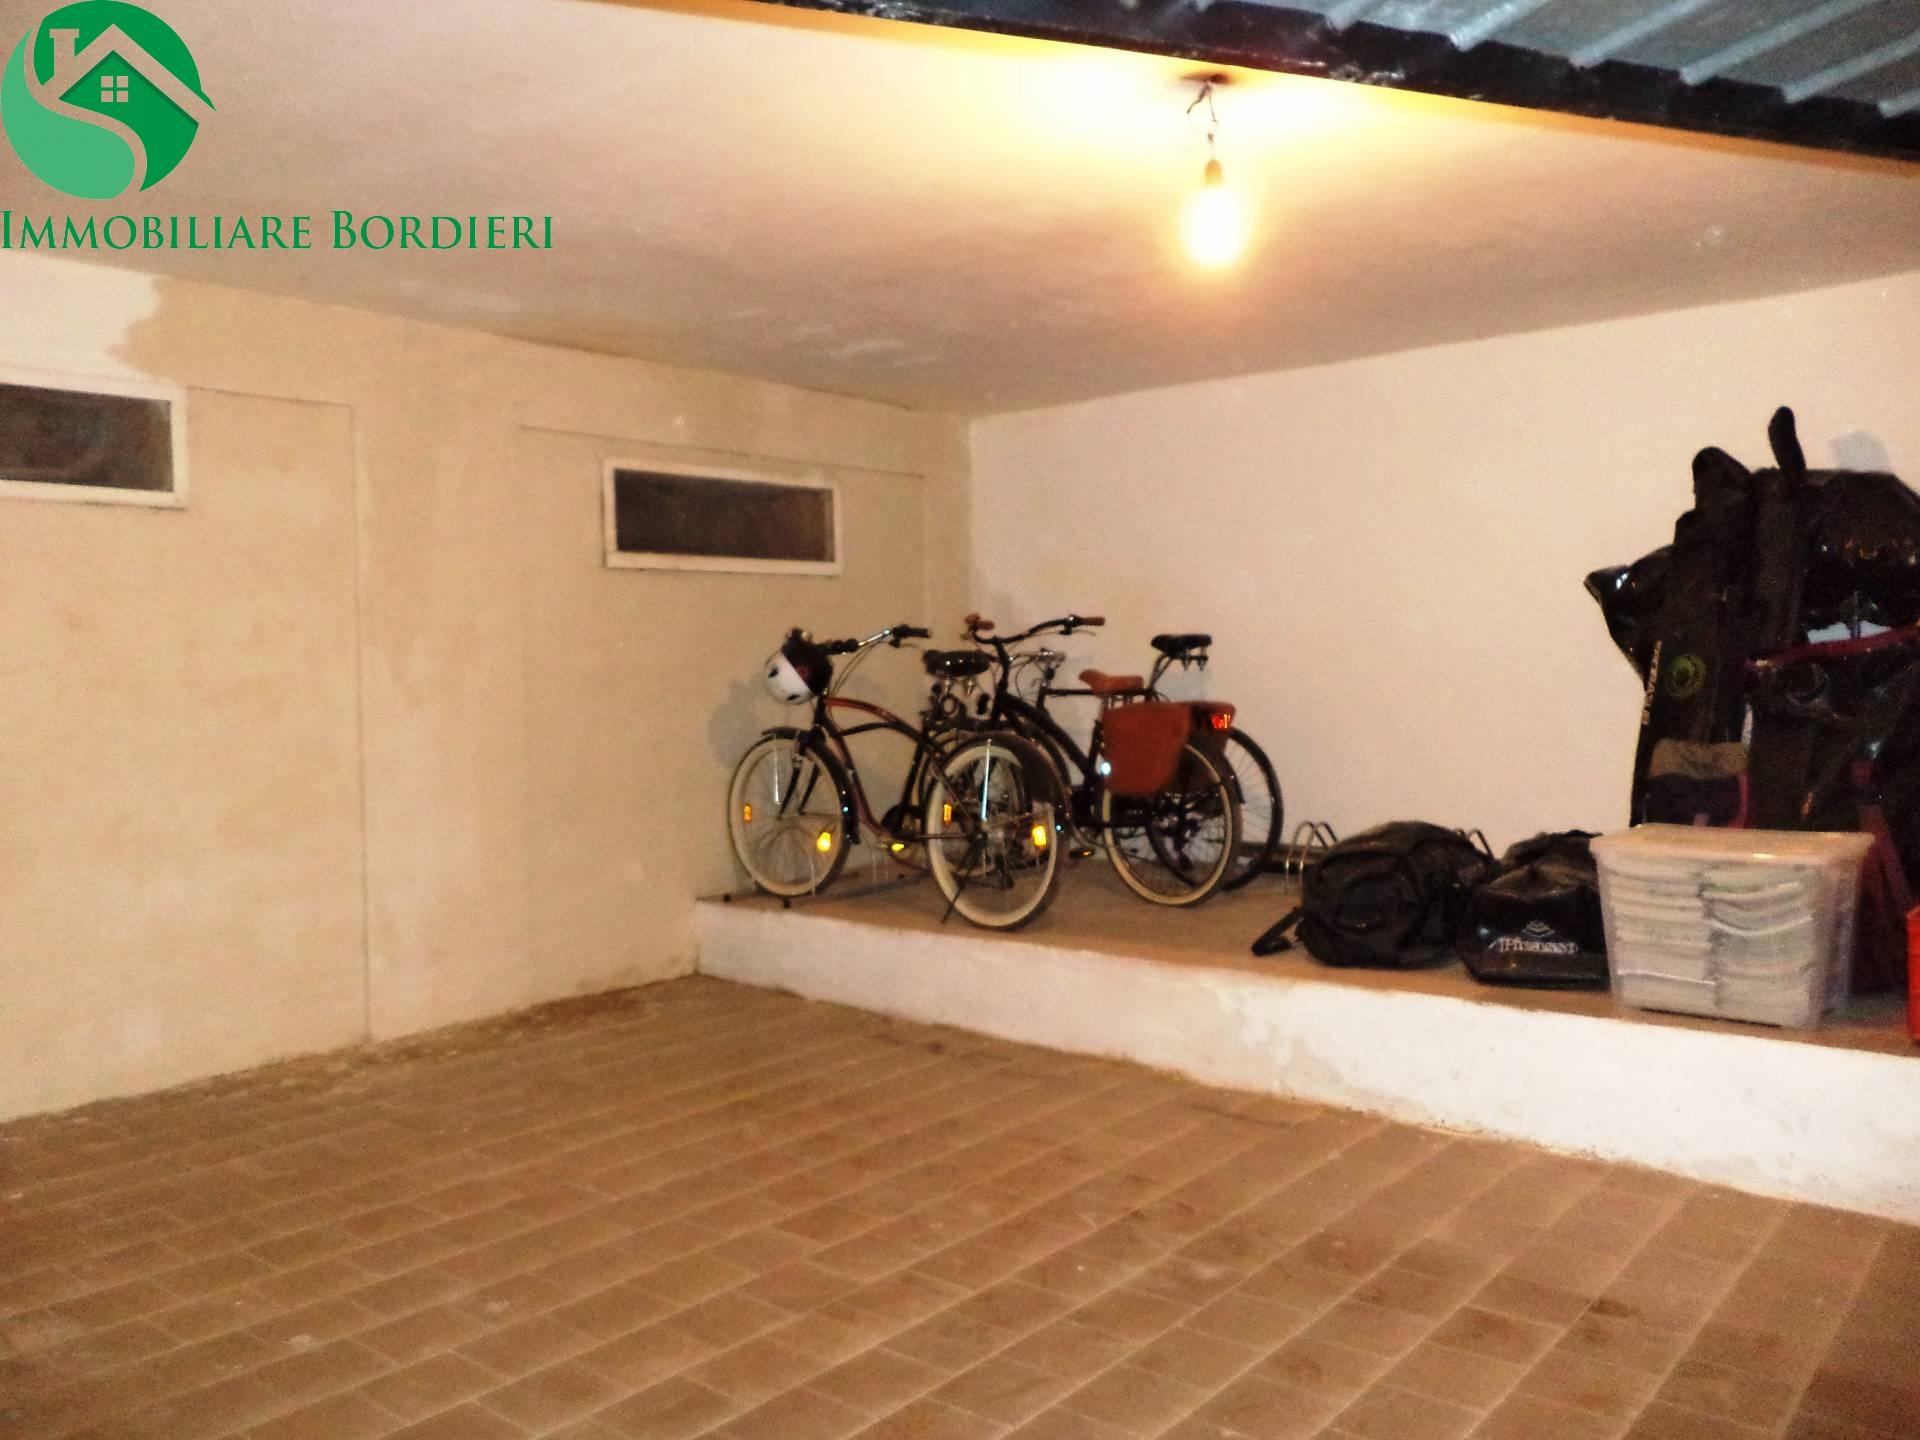 Box / Garage in vendita a Siracusa, 1 locali, zona Località: SanGiovanni, prezzo € 24.000 | CambioCasa.it